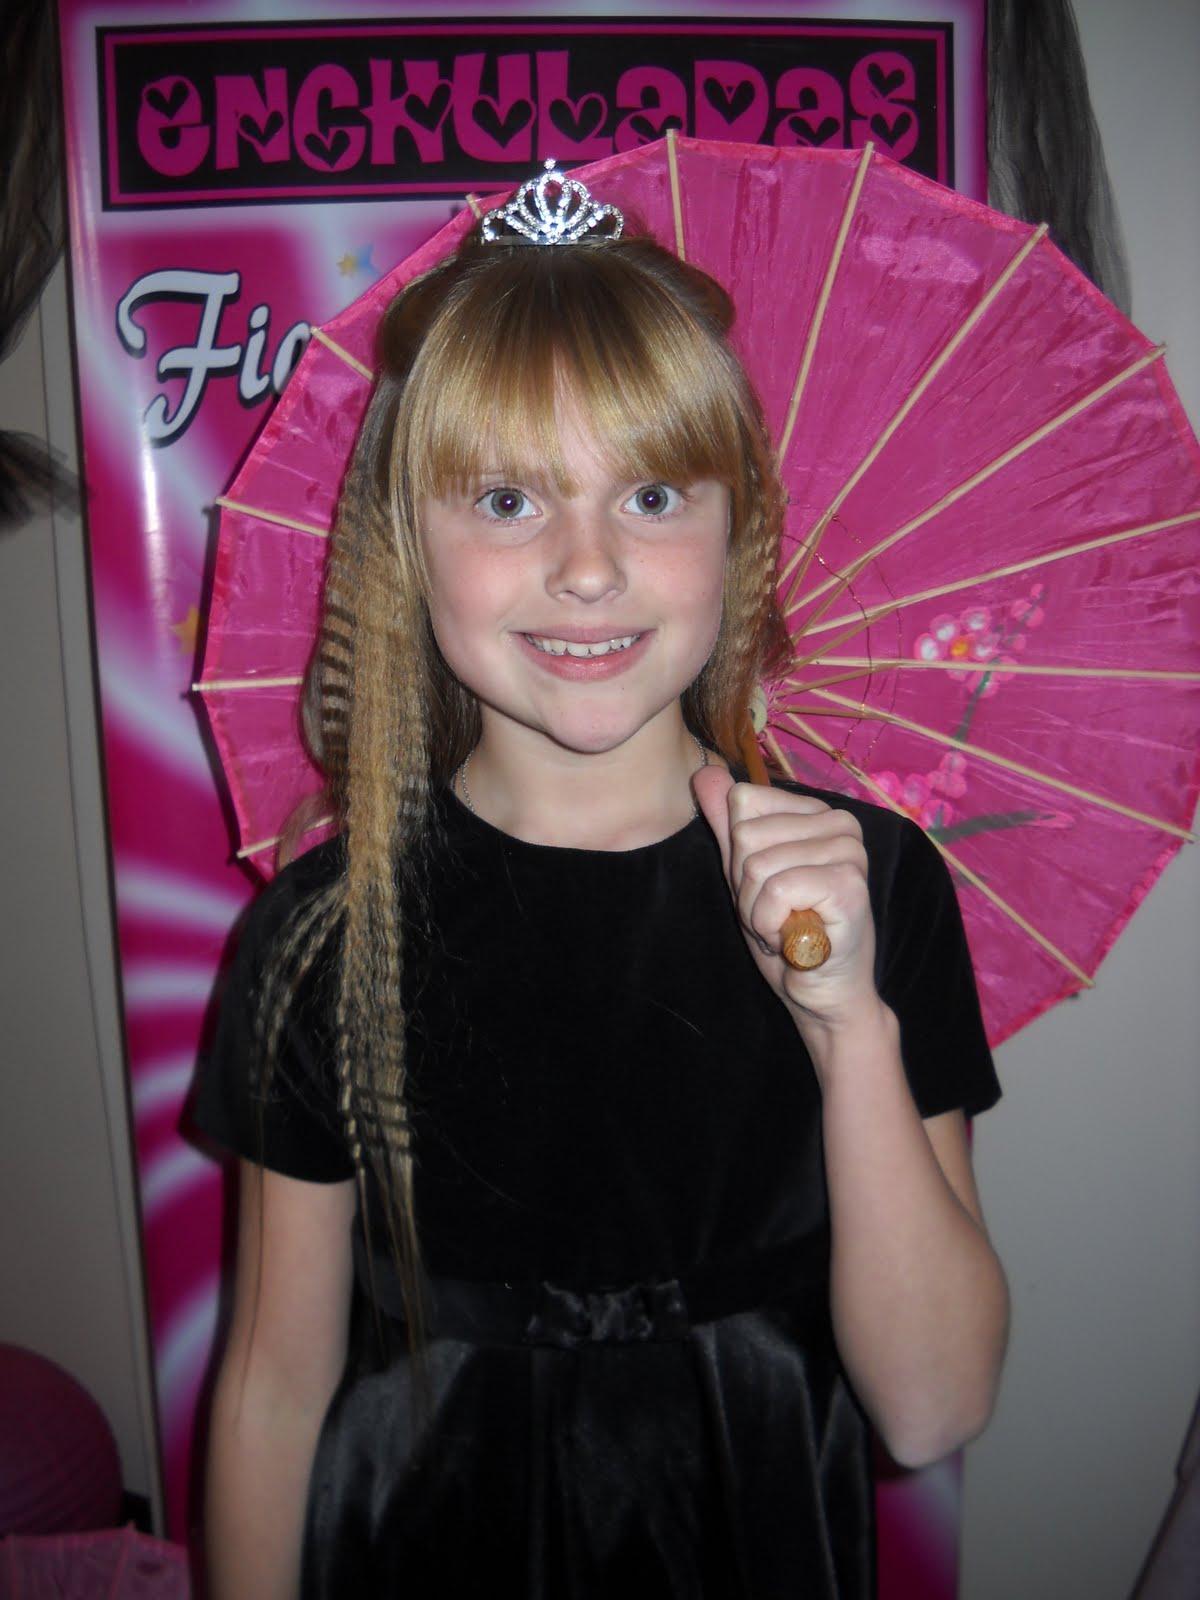 Home images princess model princess model facebook twitter google